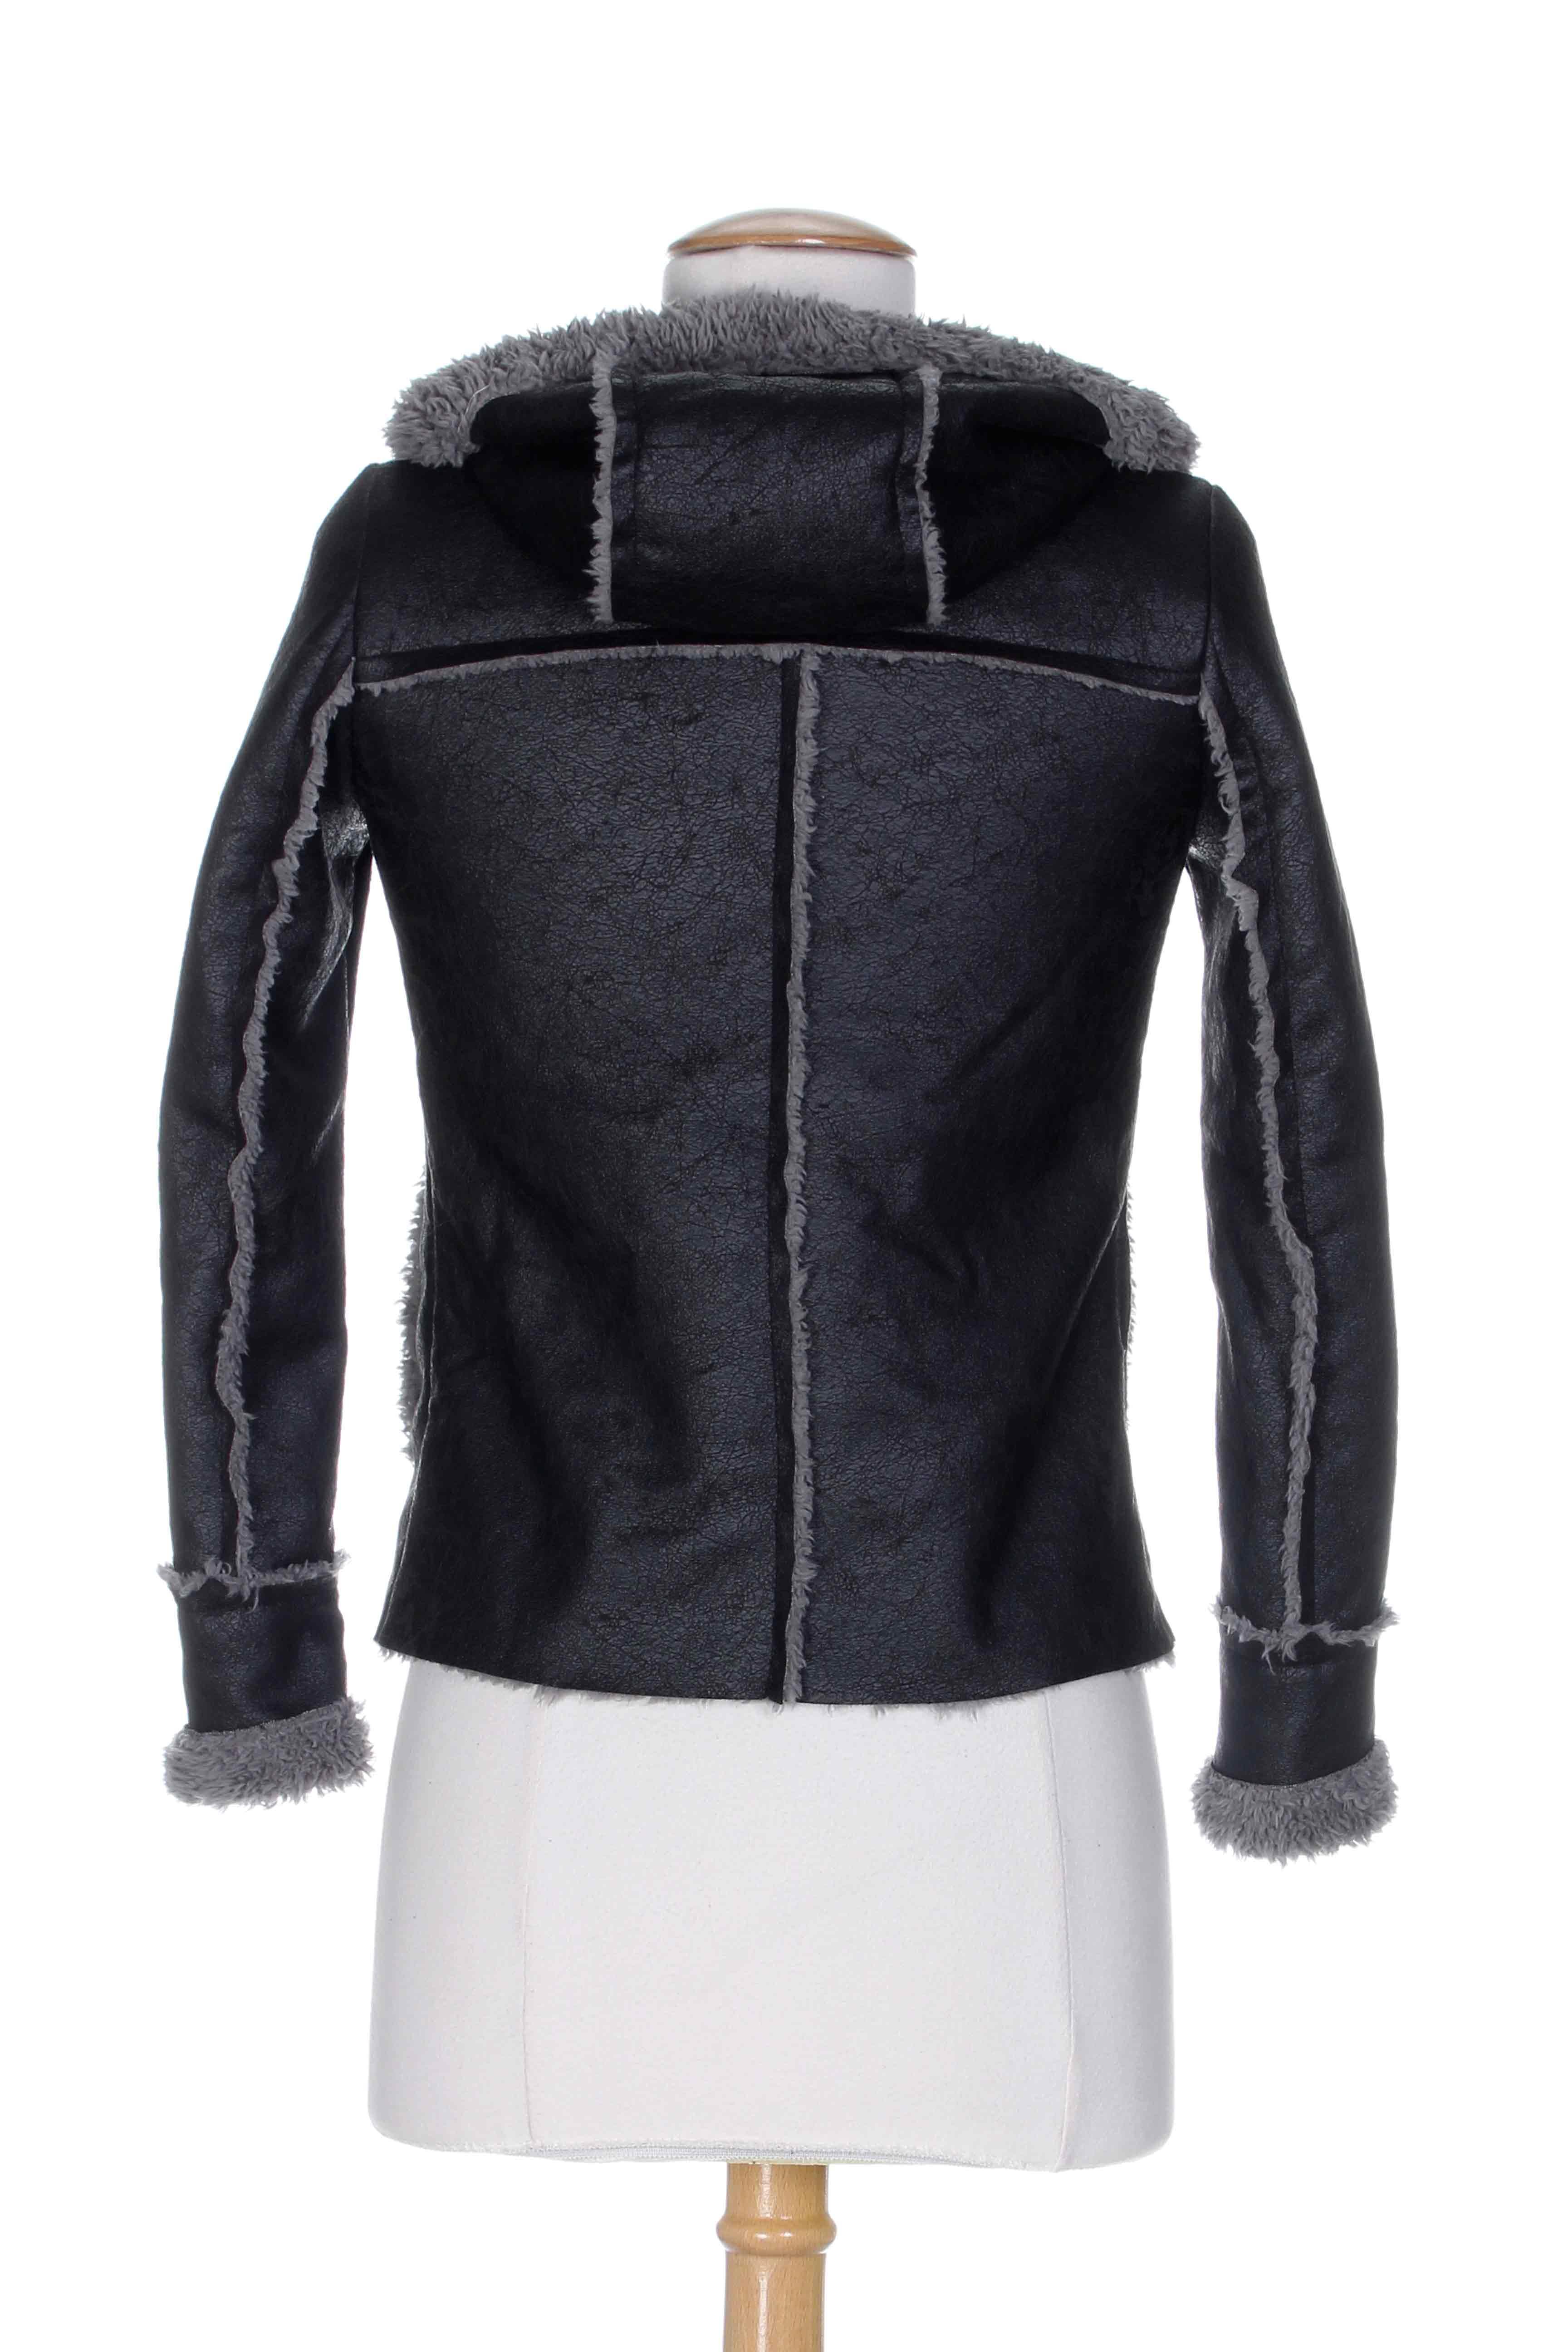 La fee maraboutee manteaux courts fille de couleur gris en soldes pas cher 64 - Fee maraboutee soldes ...